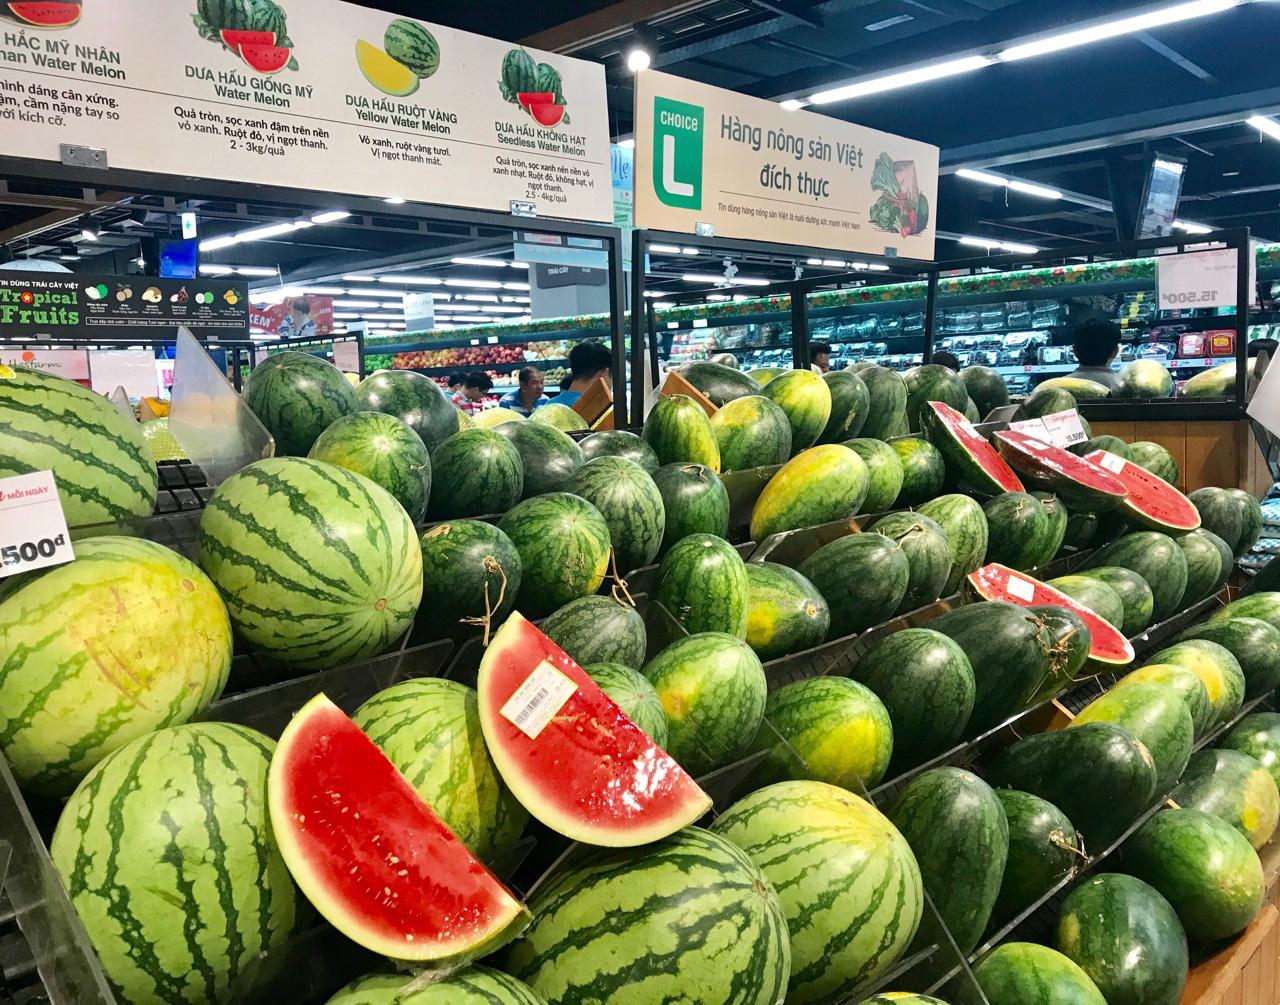 Xuất khẩu rau quả không thể trông chờ vào việc mở cửa trở lại từ thị trường Trung Quốc  - Ảnh 2.